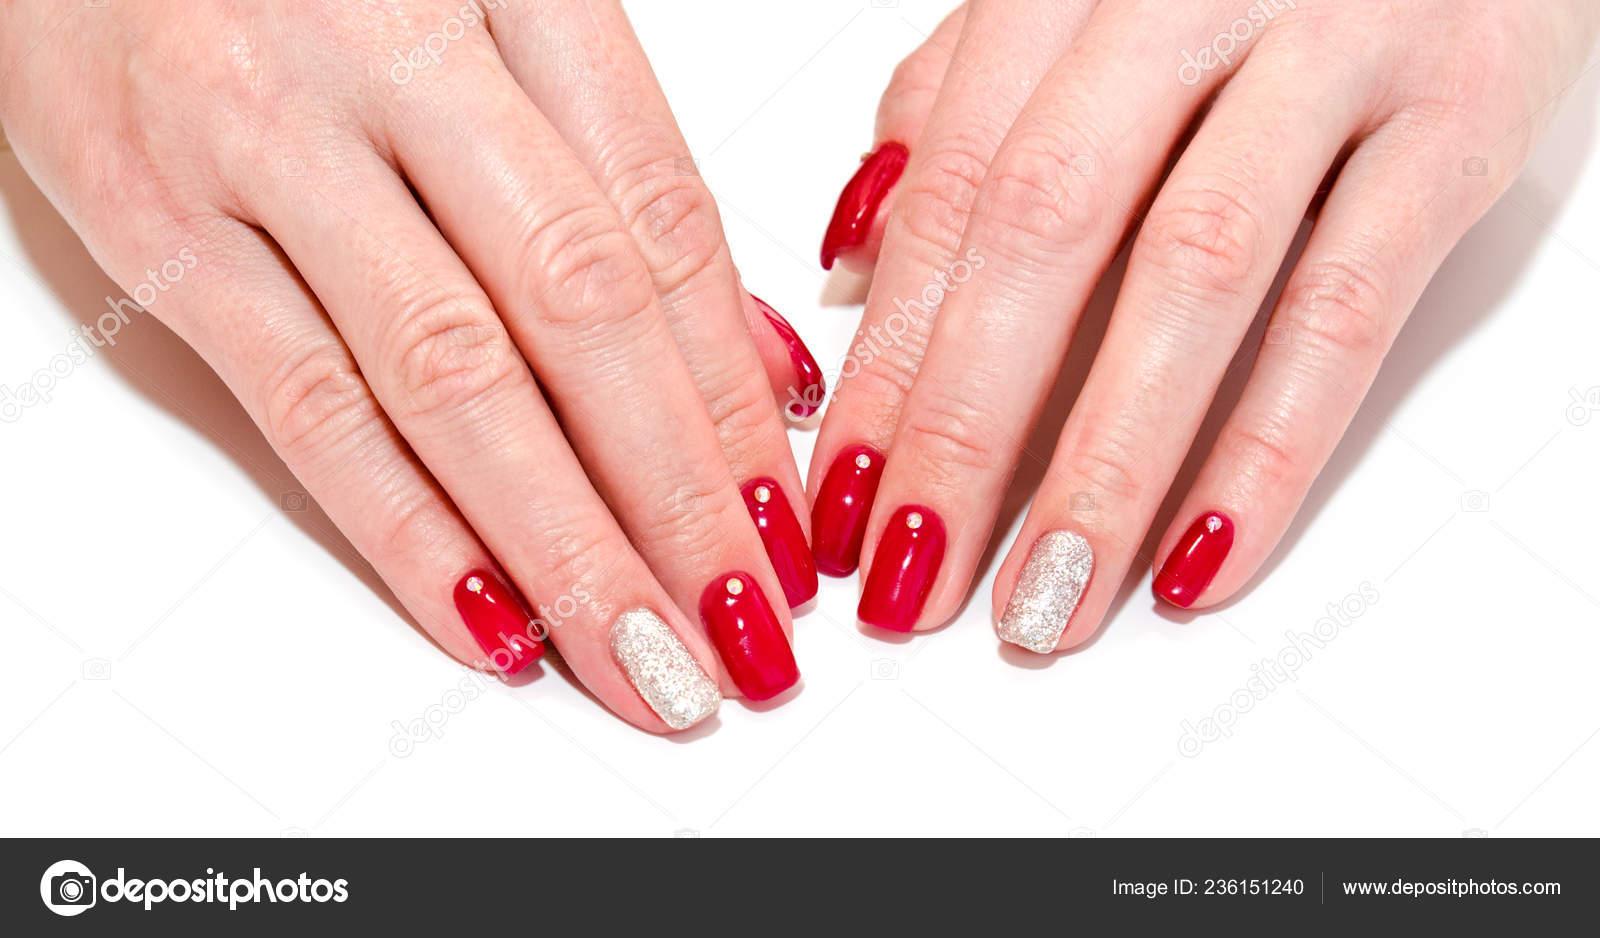 Uñas Mujer Con Rojo Hermosa Manicura Diseño Moda Con Piedras